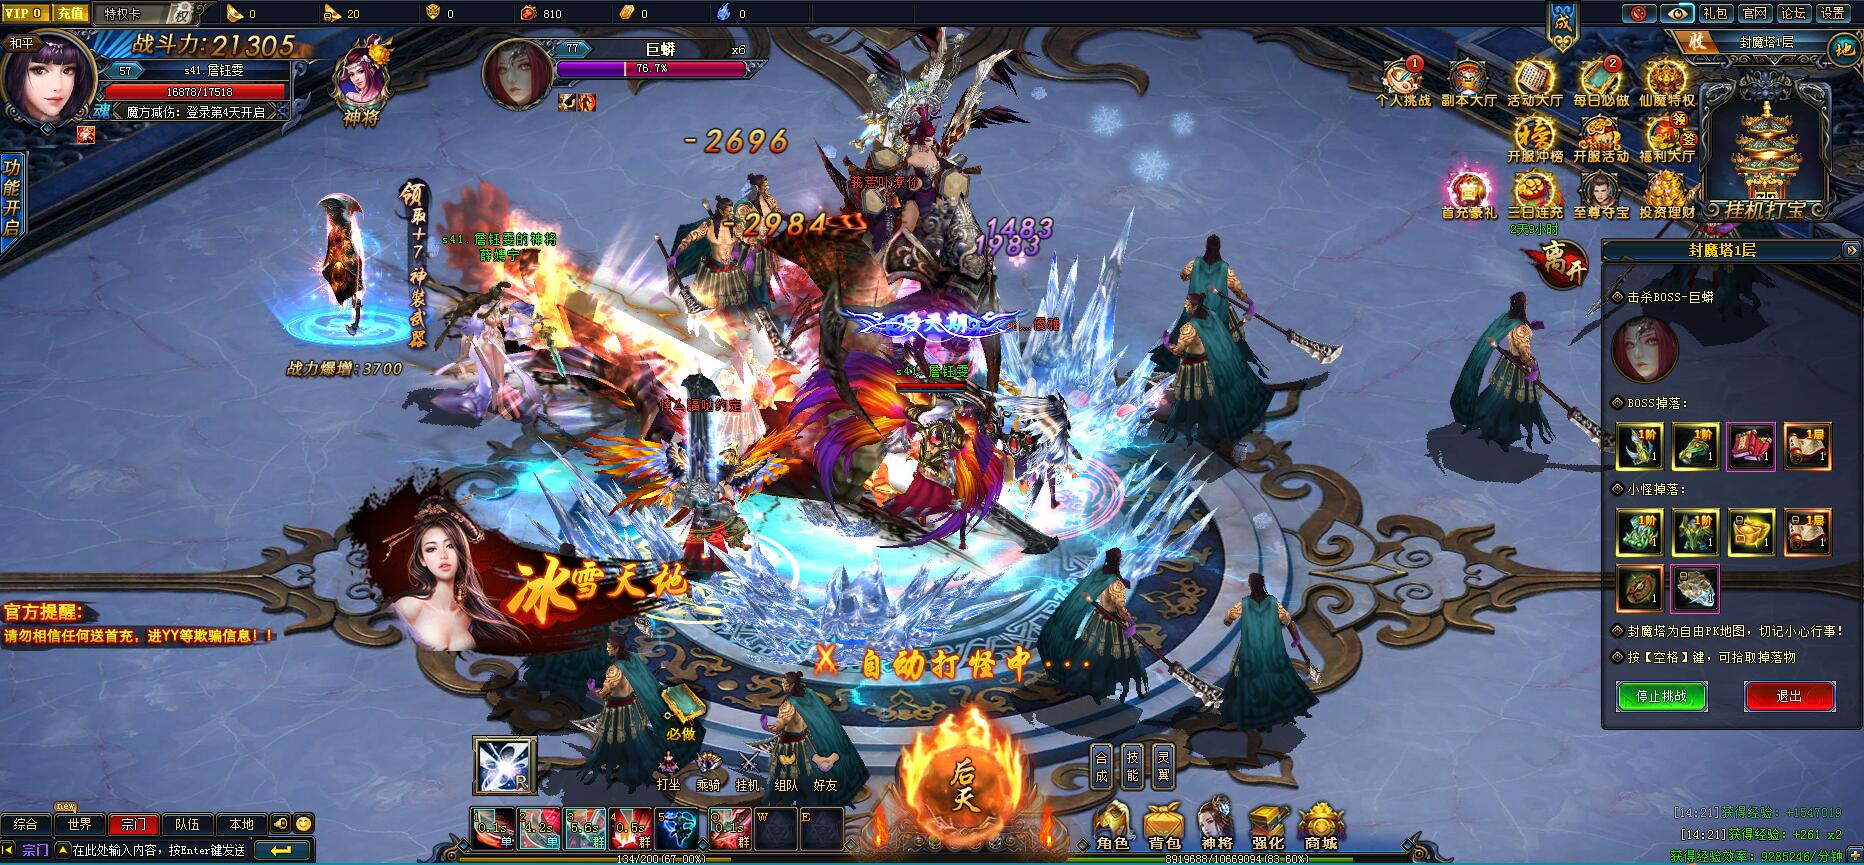 妖魔传说游戏截图3